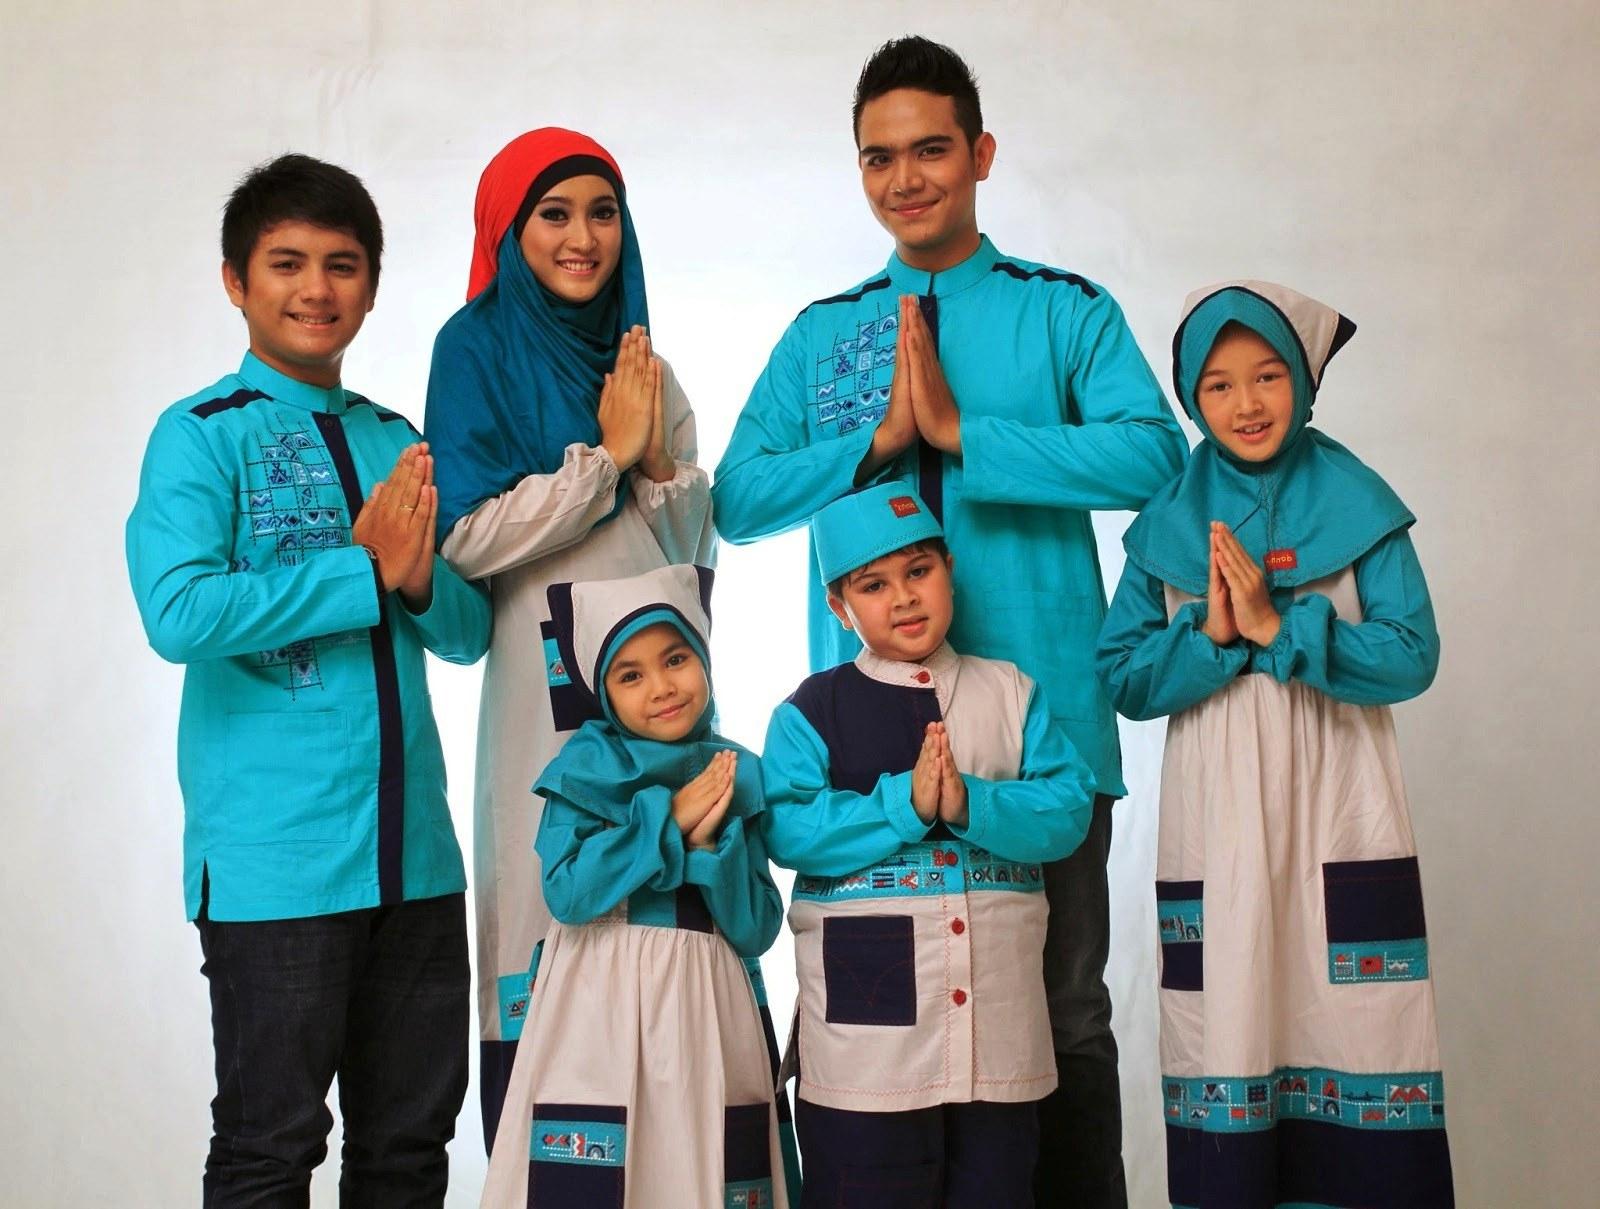 Design Model Baju Lebaran 2018 Keluarga Bqdd Model Baju Muslim Gamis Modern Terbaru 2018 Untuk Lebaran